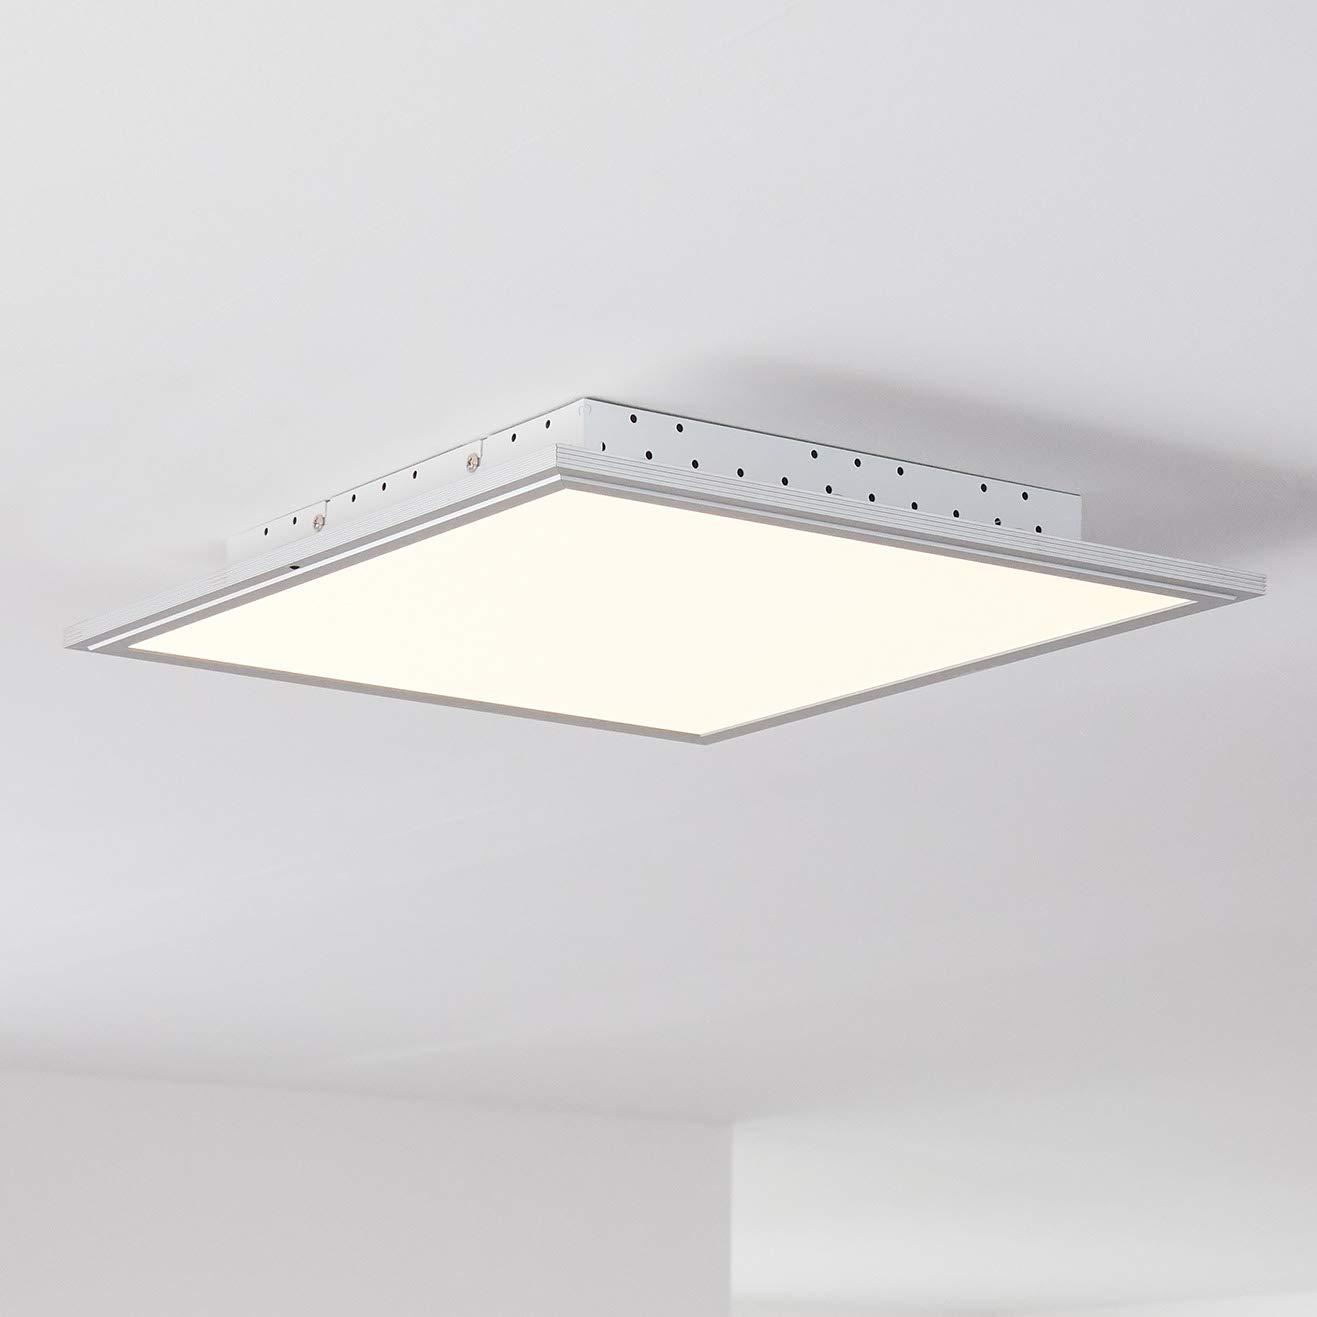 LED Panel Deckenleuchte 42x42cm, 1x 32W LED integriert, 1x 2500 Lumen, 2700-6200K, Metall Kunststoff, alu weiß